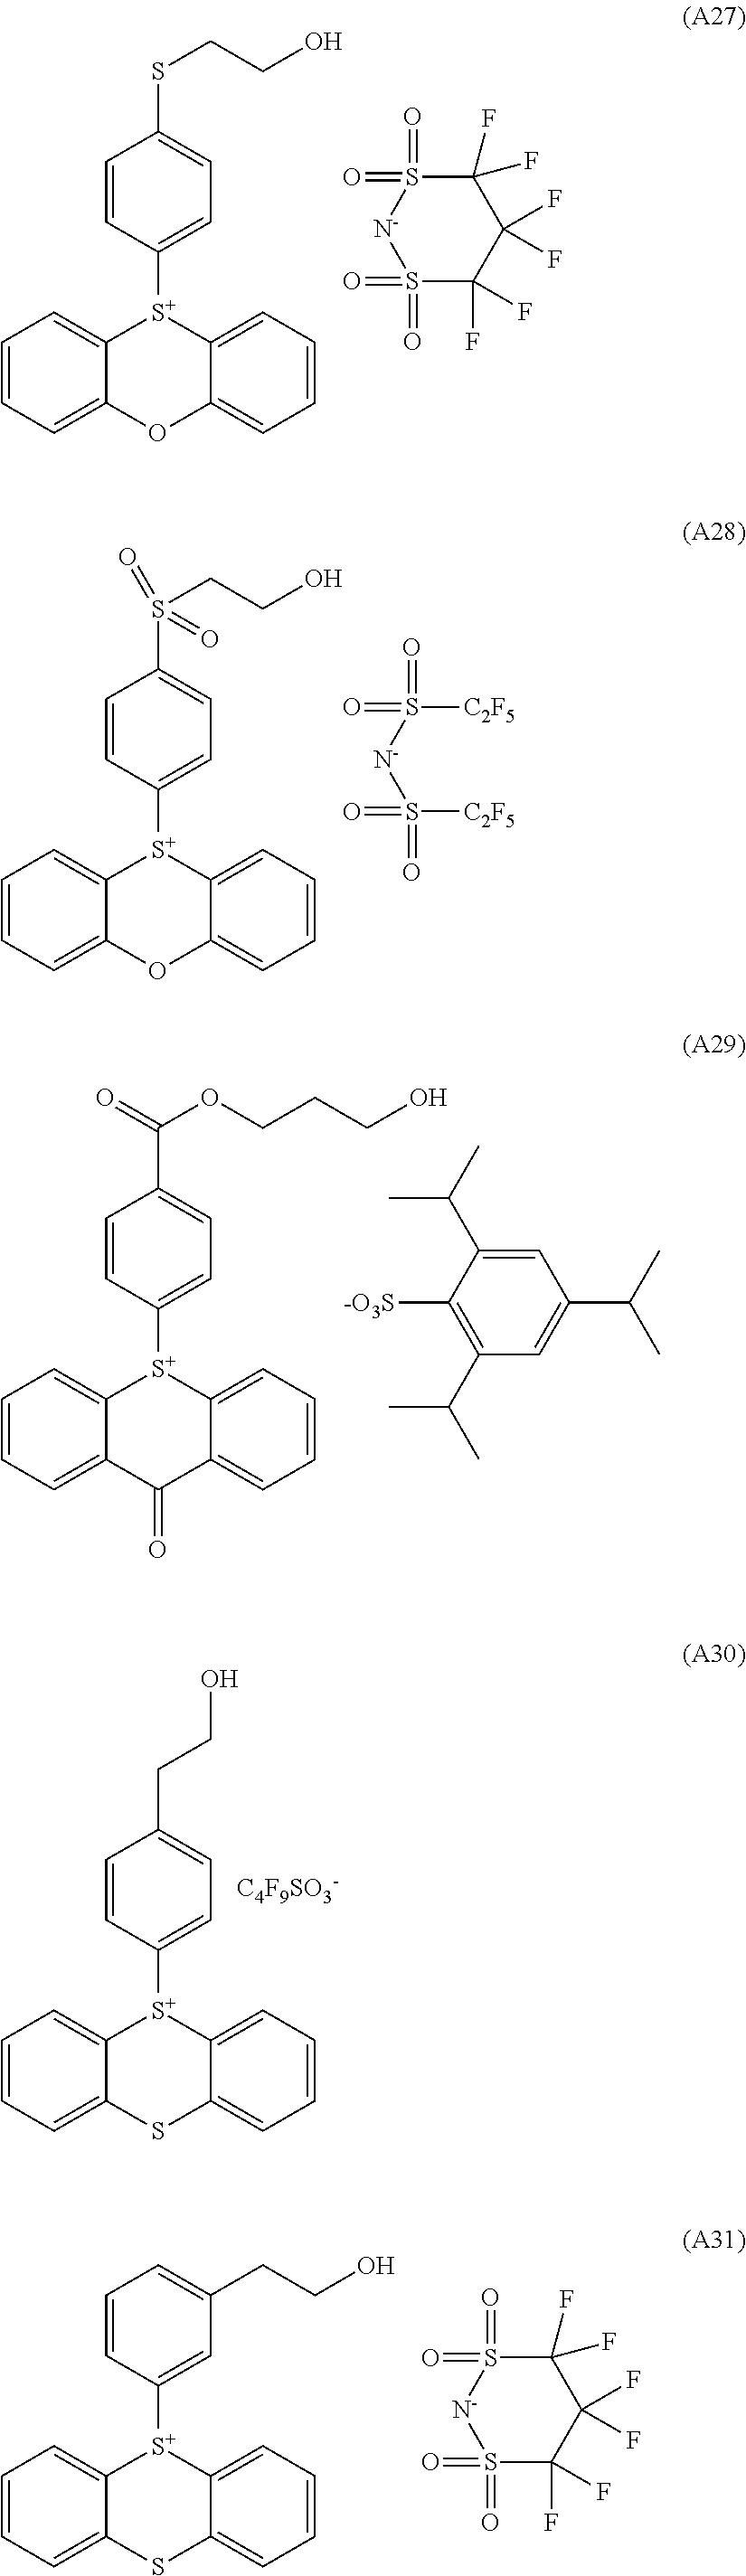 Figure US20110183258A1-20110728-C00027